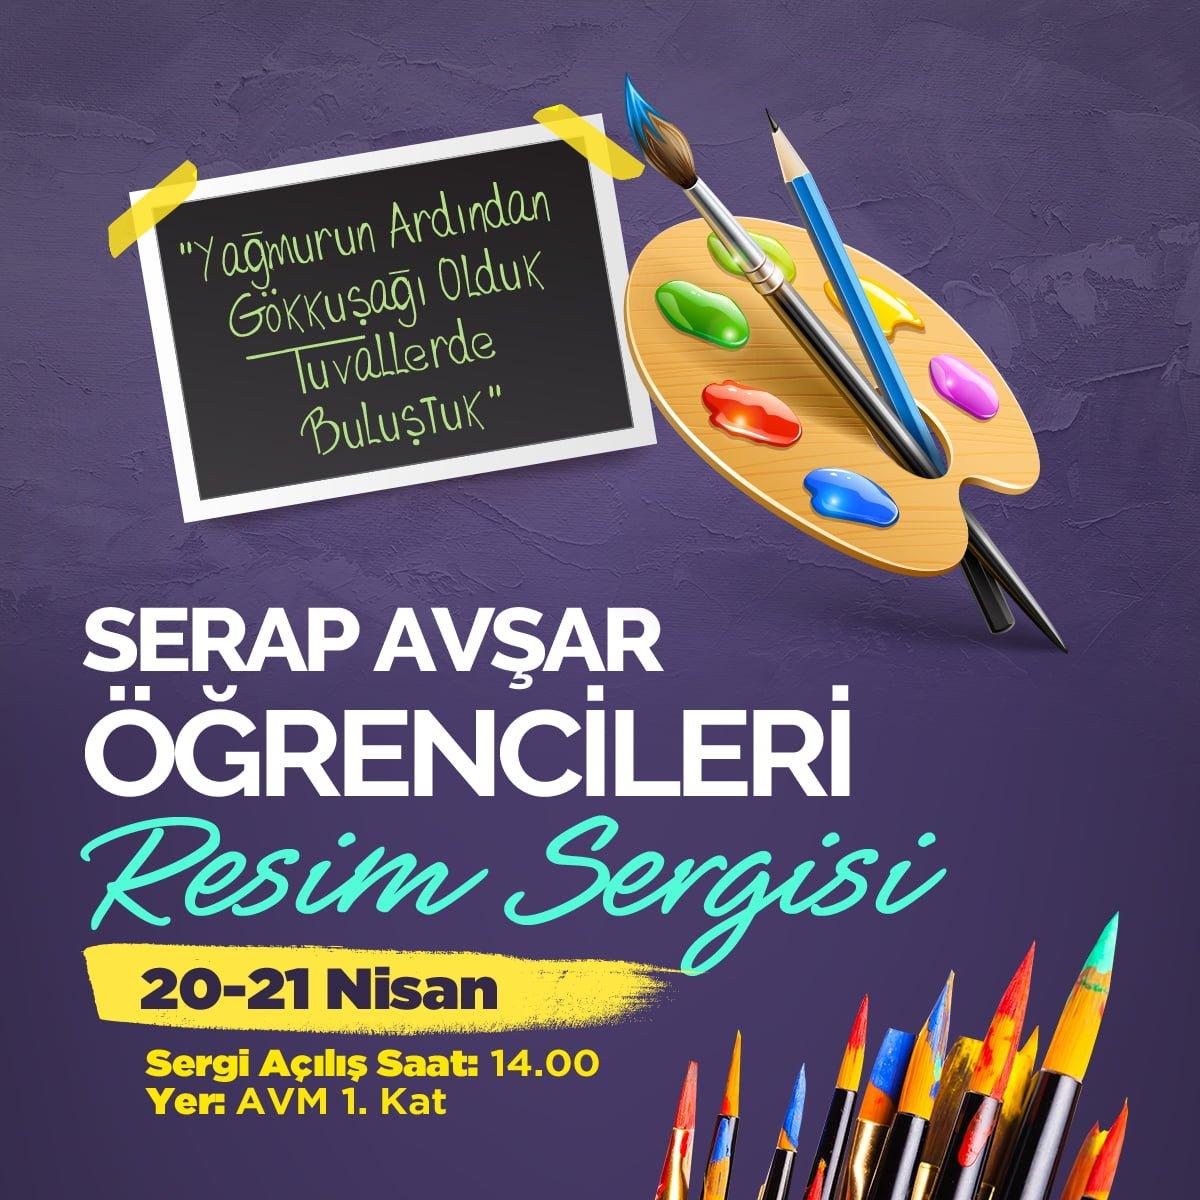 23 Nisan Sergi